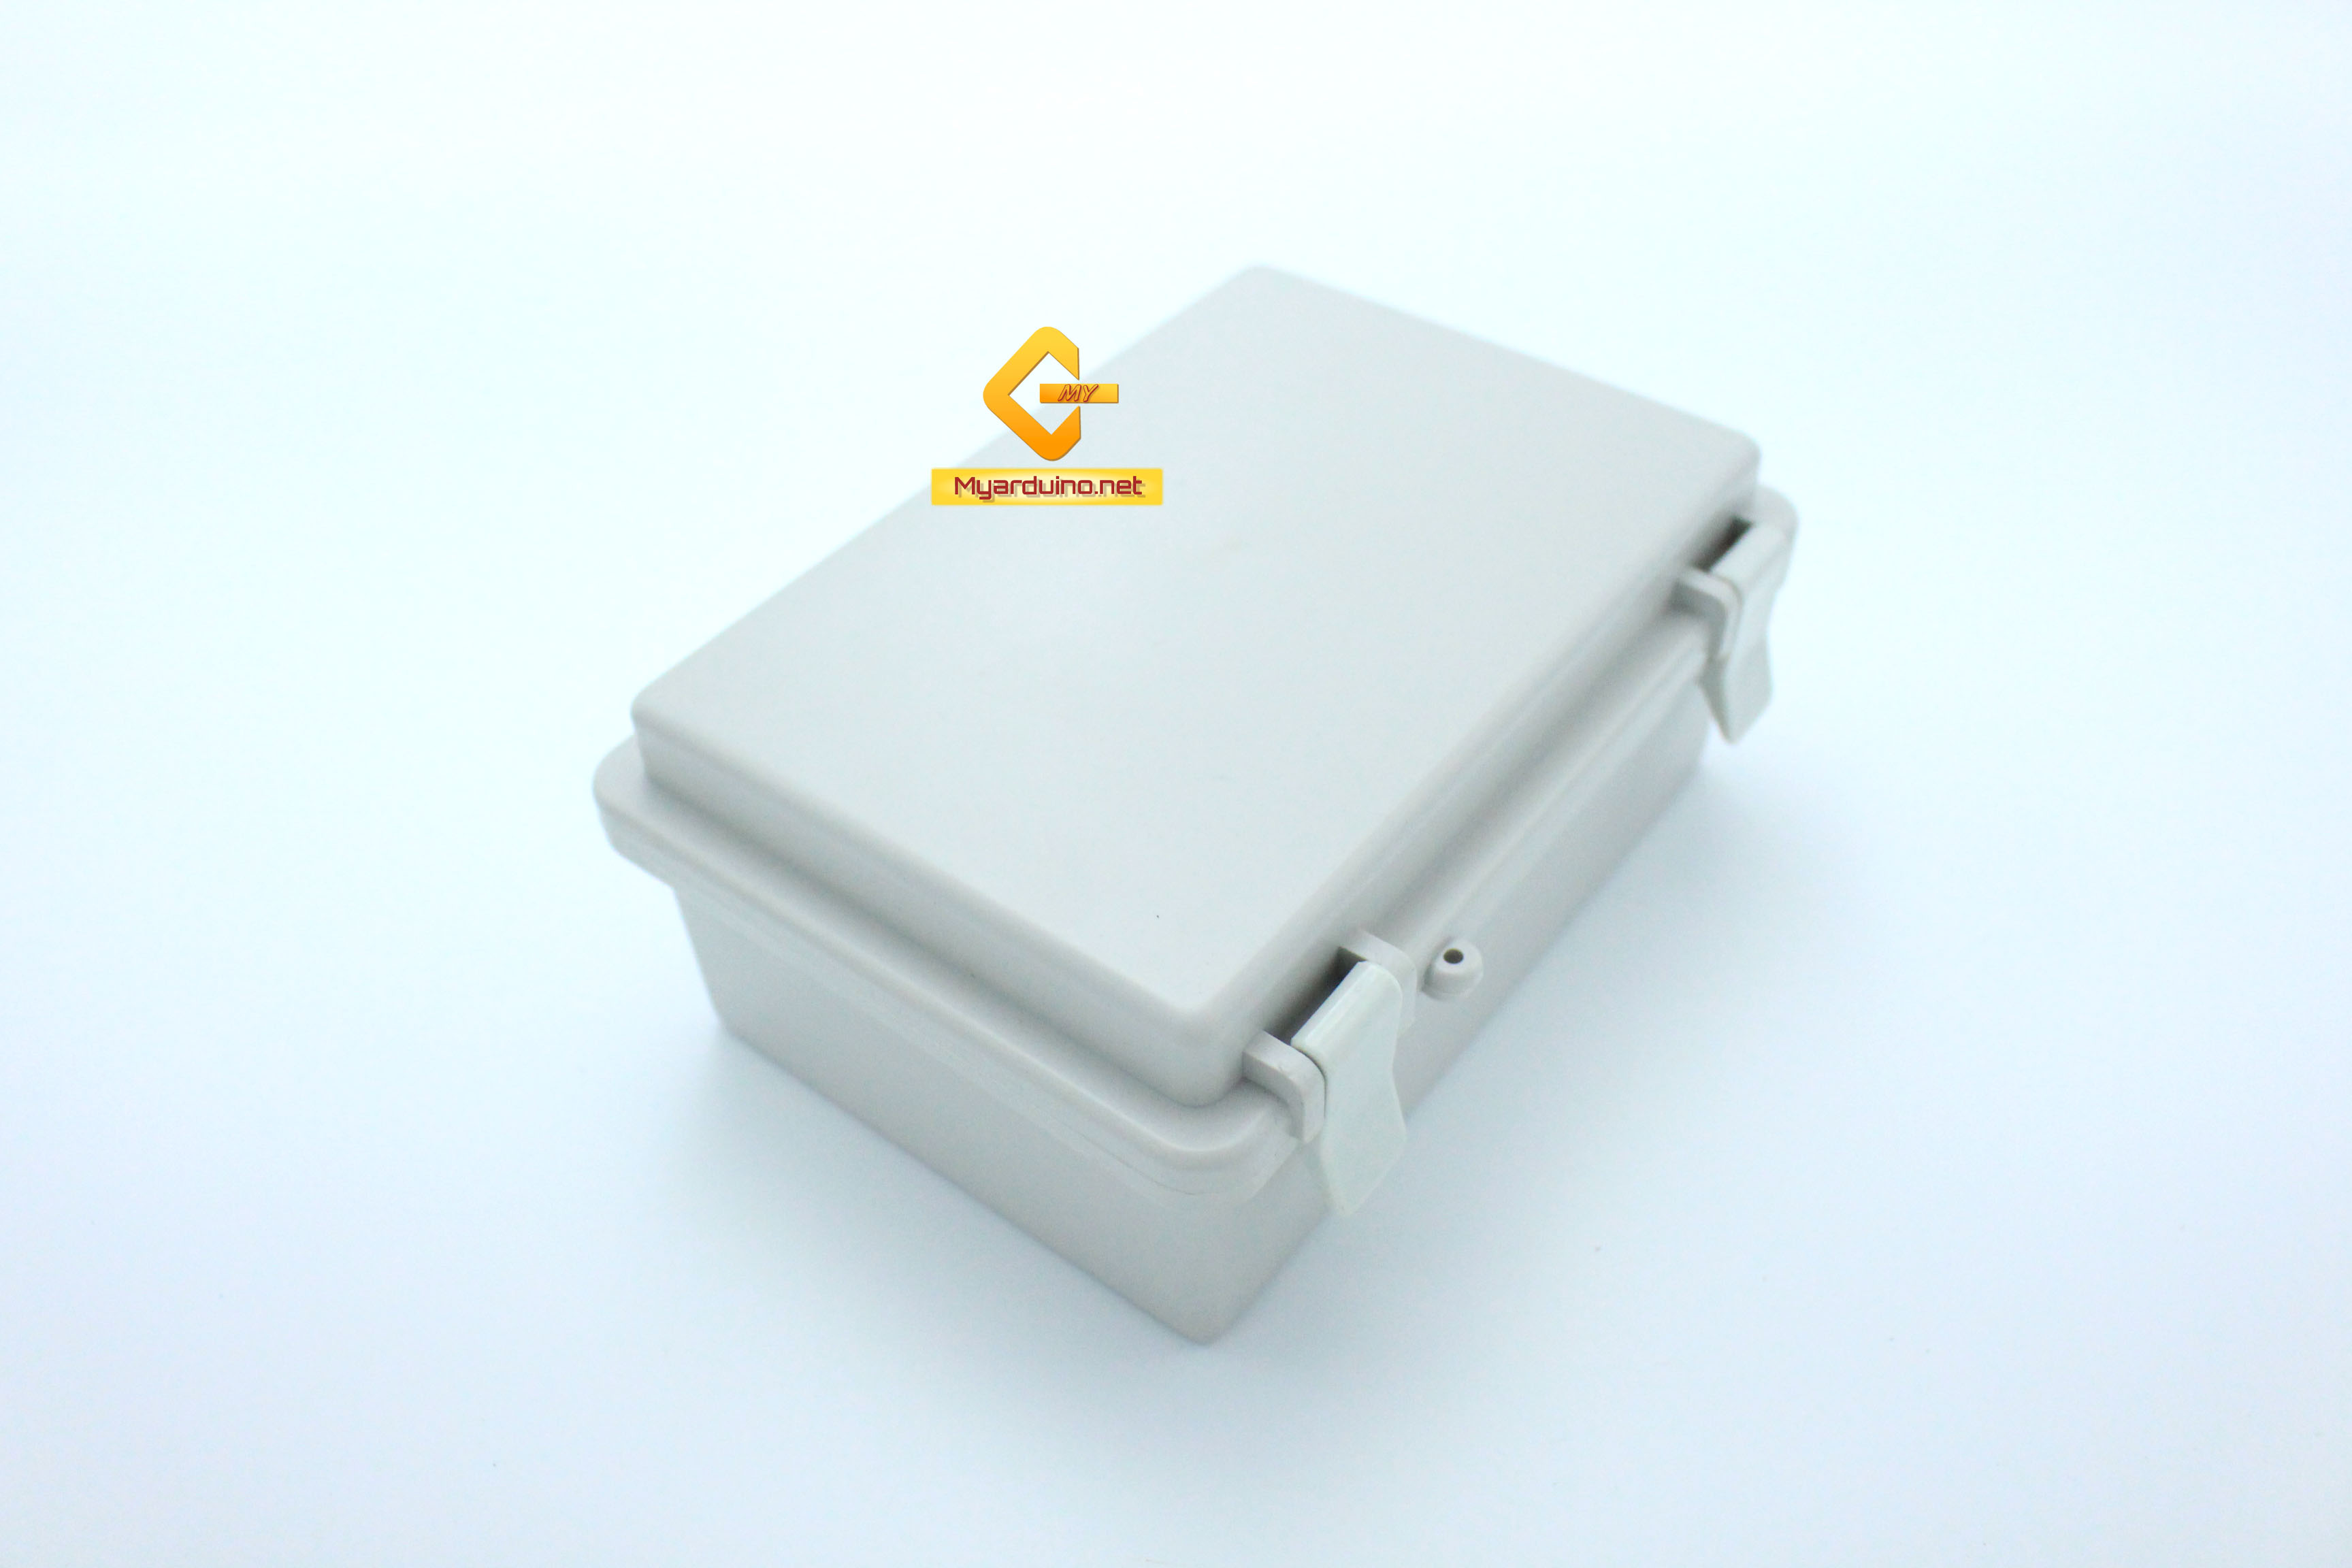 กล่องอิเล็กทรอนิกส์ อเนกประสงค์ กันน้ำ สีเทา พร้อมฝาปิด 170*120*72 mm